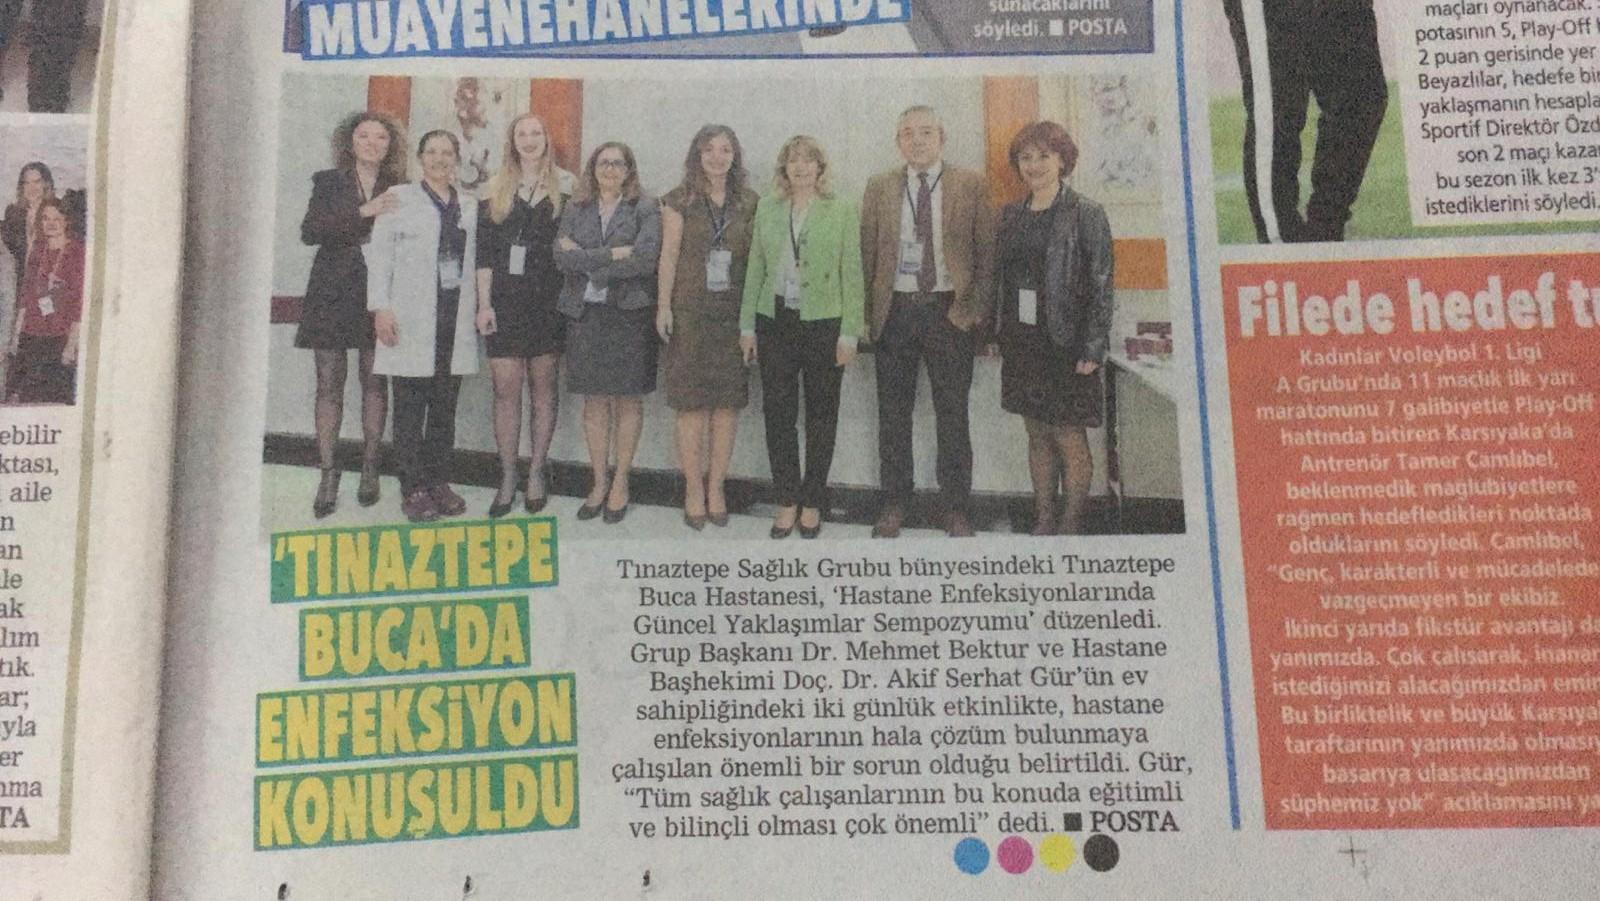 Tınaztepe Buca'da Enfeksiyon Konuşuldu